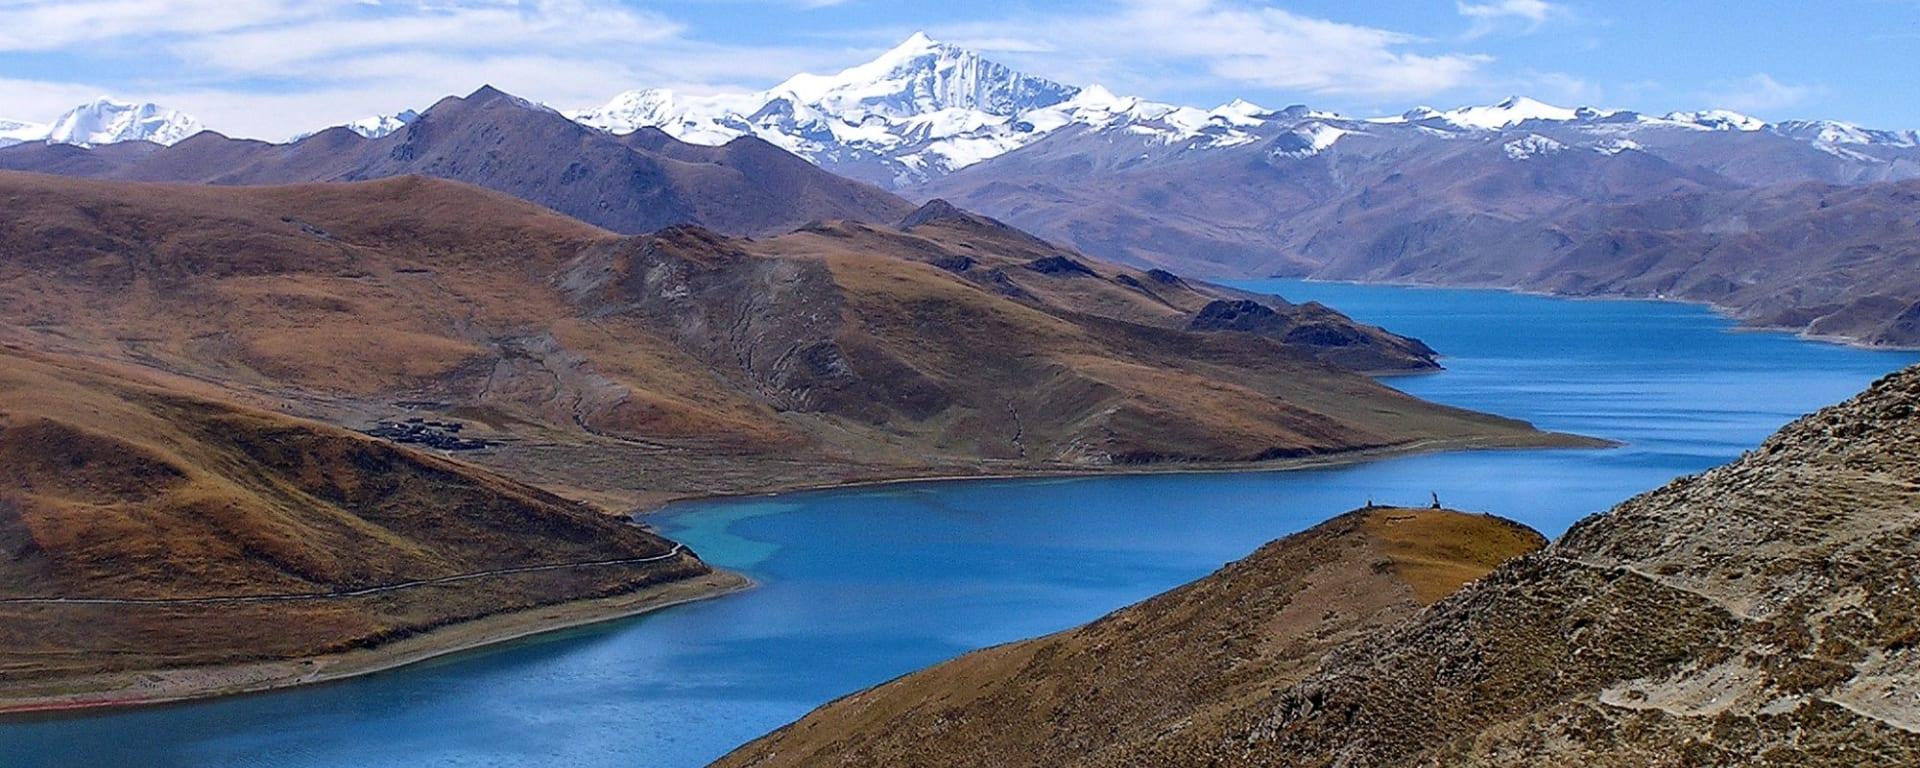 Avec le train du Tibet sur le toit du monde de Pékin: Yamdrok Lake